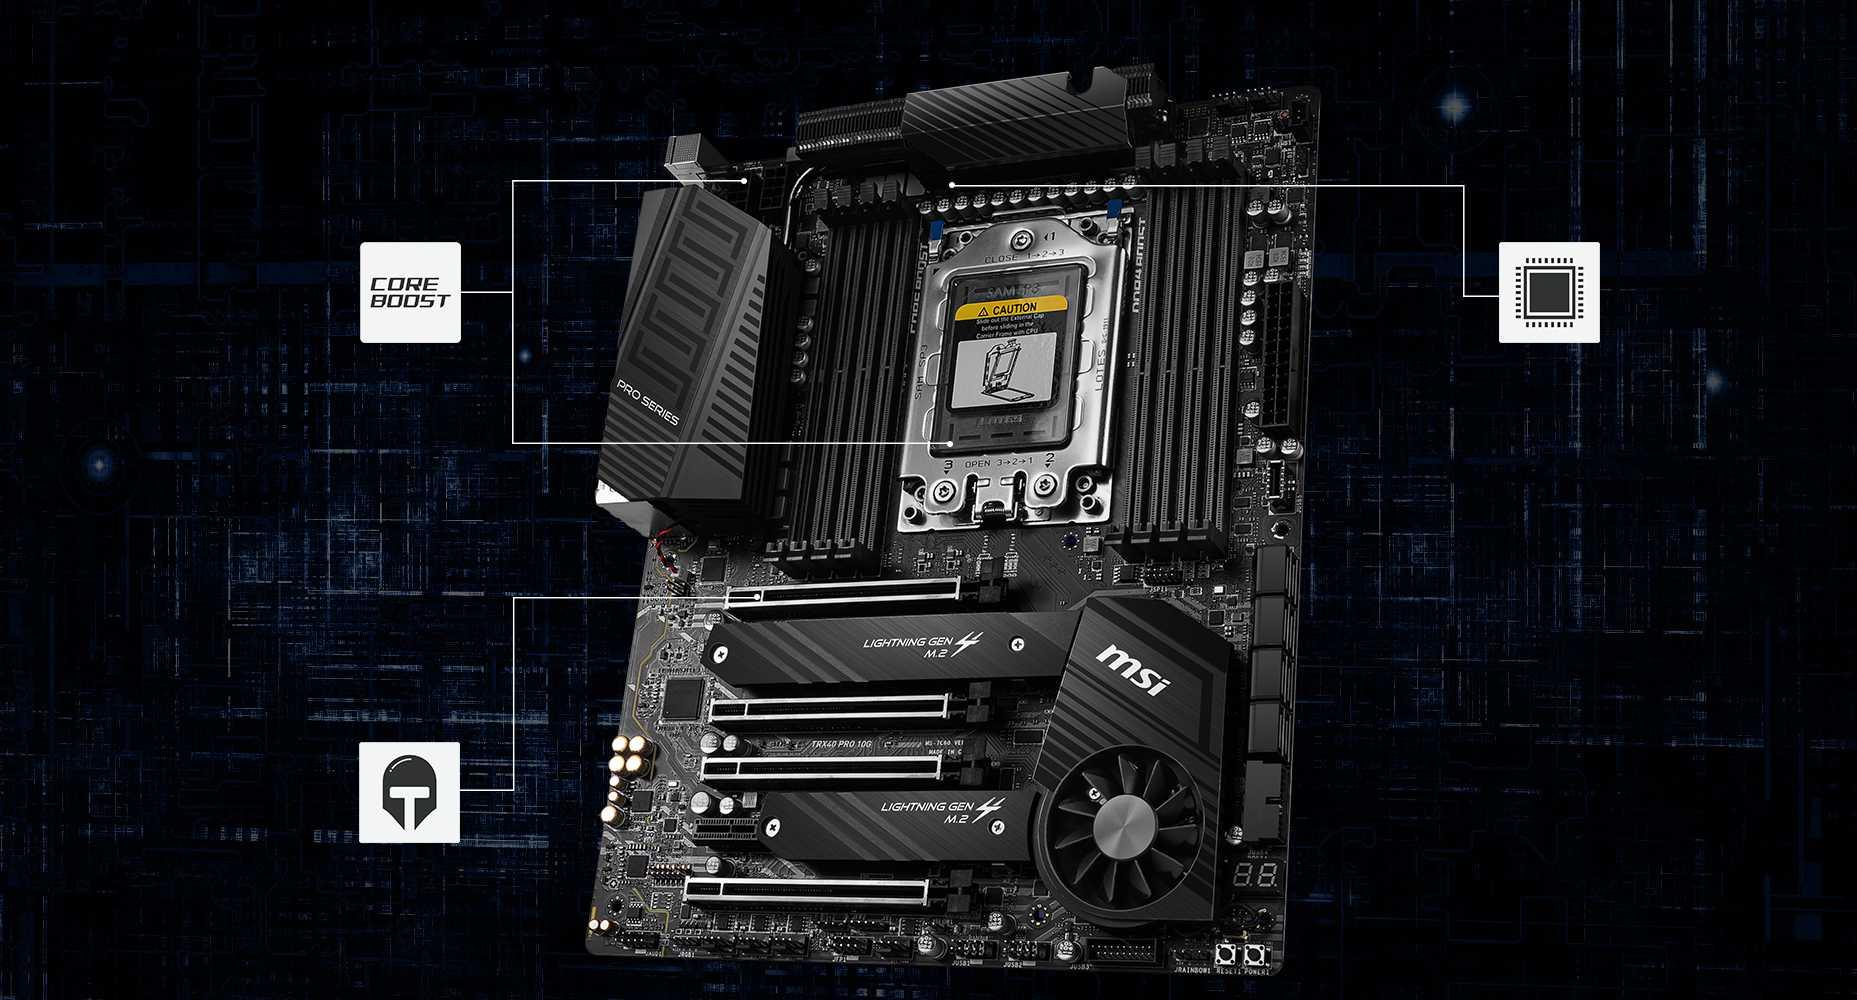 TRX40 PRO motherboard